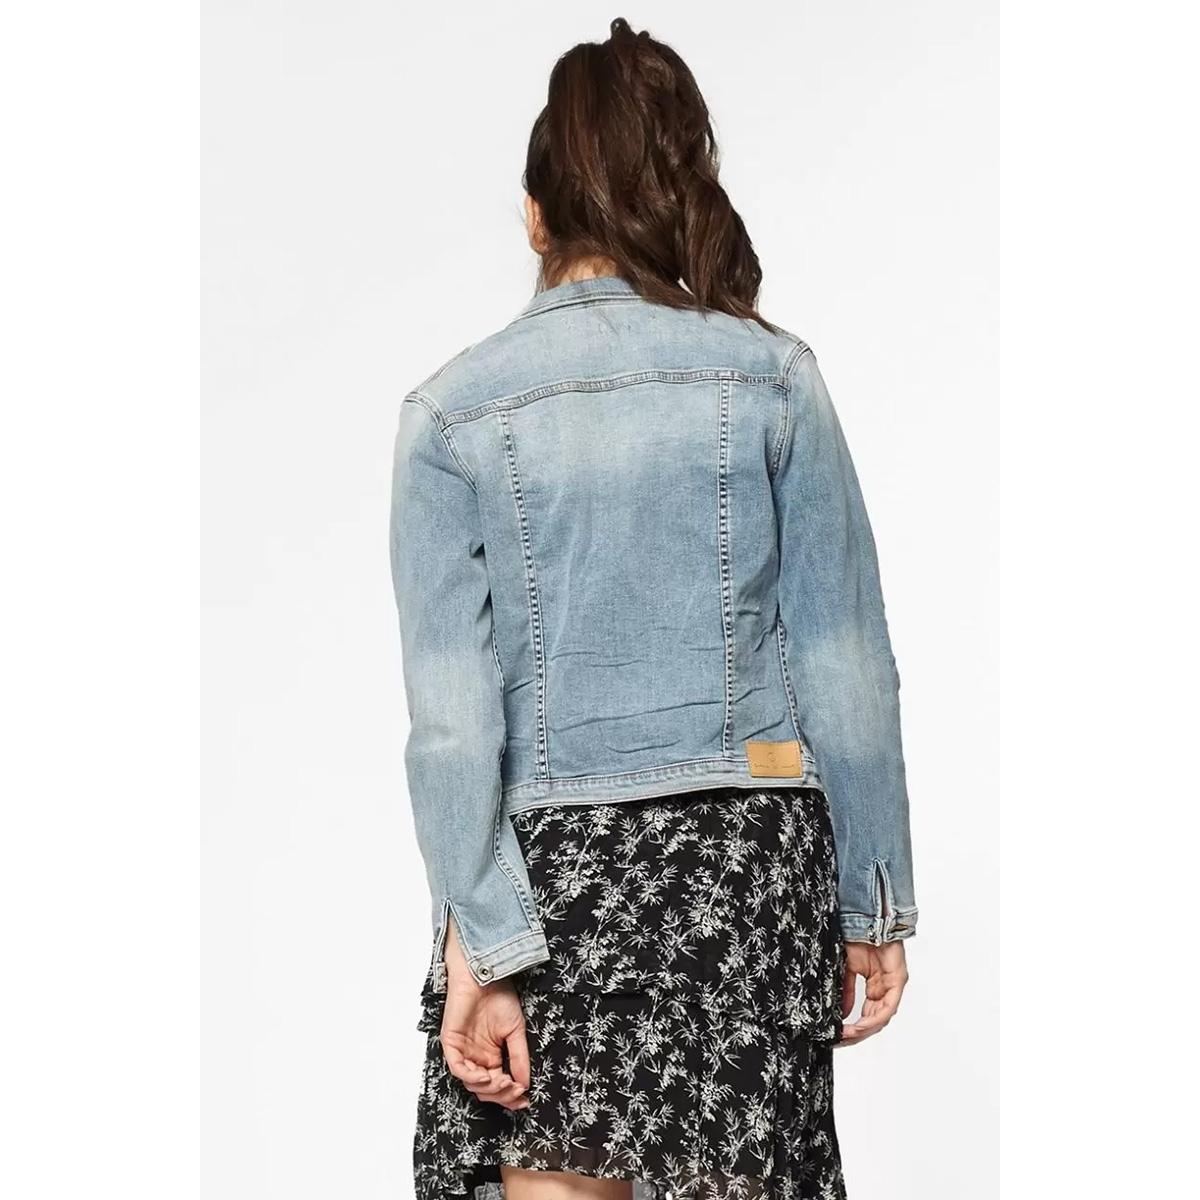 mara denim jacket s20 42 3271 circle of trust jas still ocean